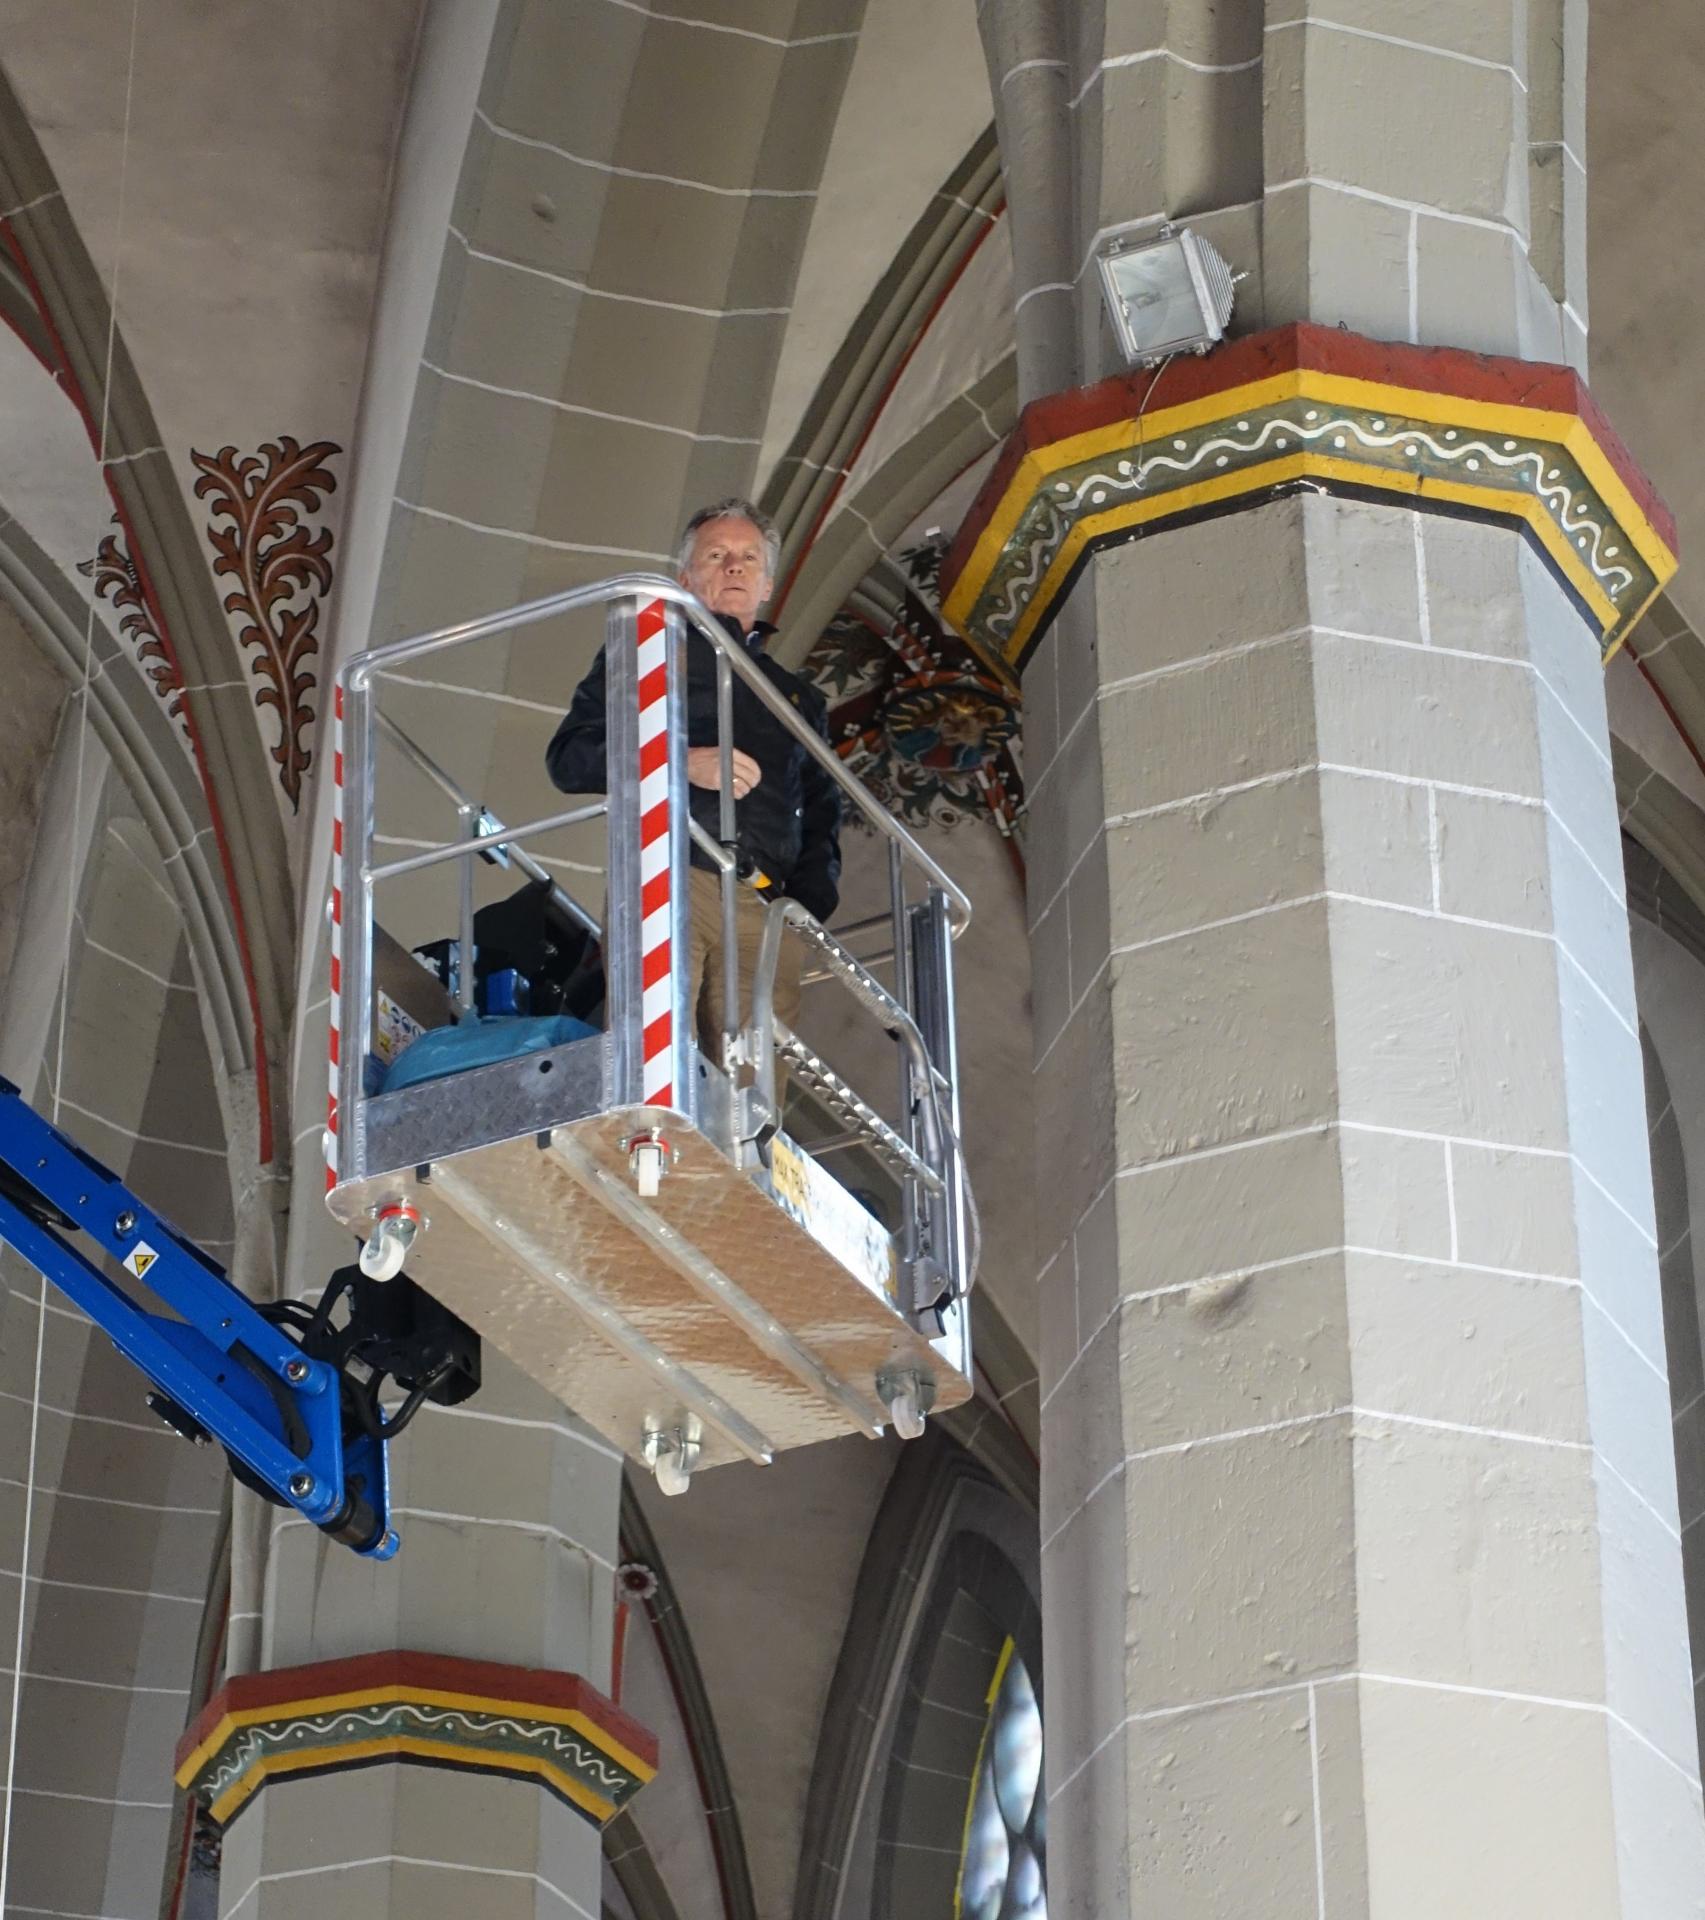 Bild 375 zeigt in luftiger Hebebühnenhöhe Michael Feller, unser Beleuchtungsberater (auch tätig gewesen in der Basilika Cyriakus in Duderstadt)